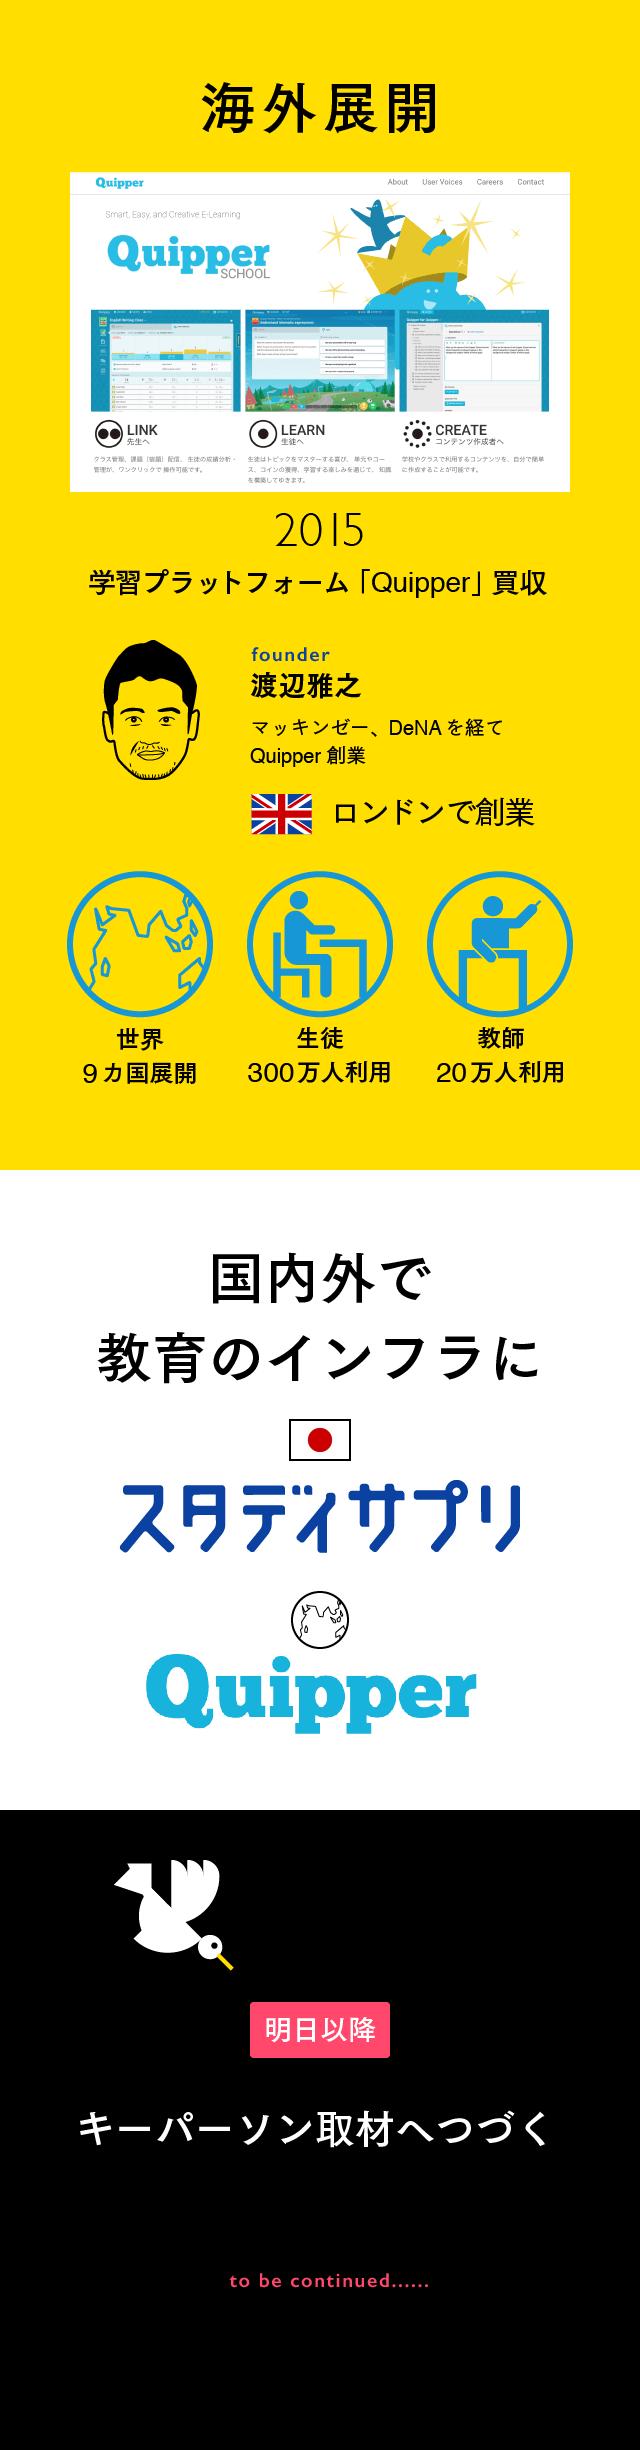 【マスター】スタディサプリインフォ_20160302-2-09